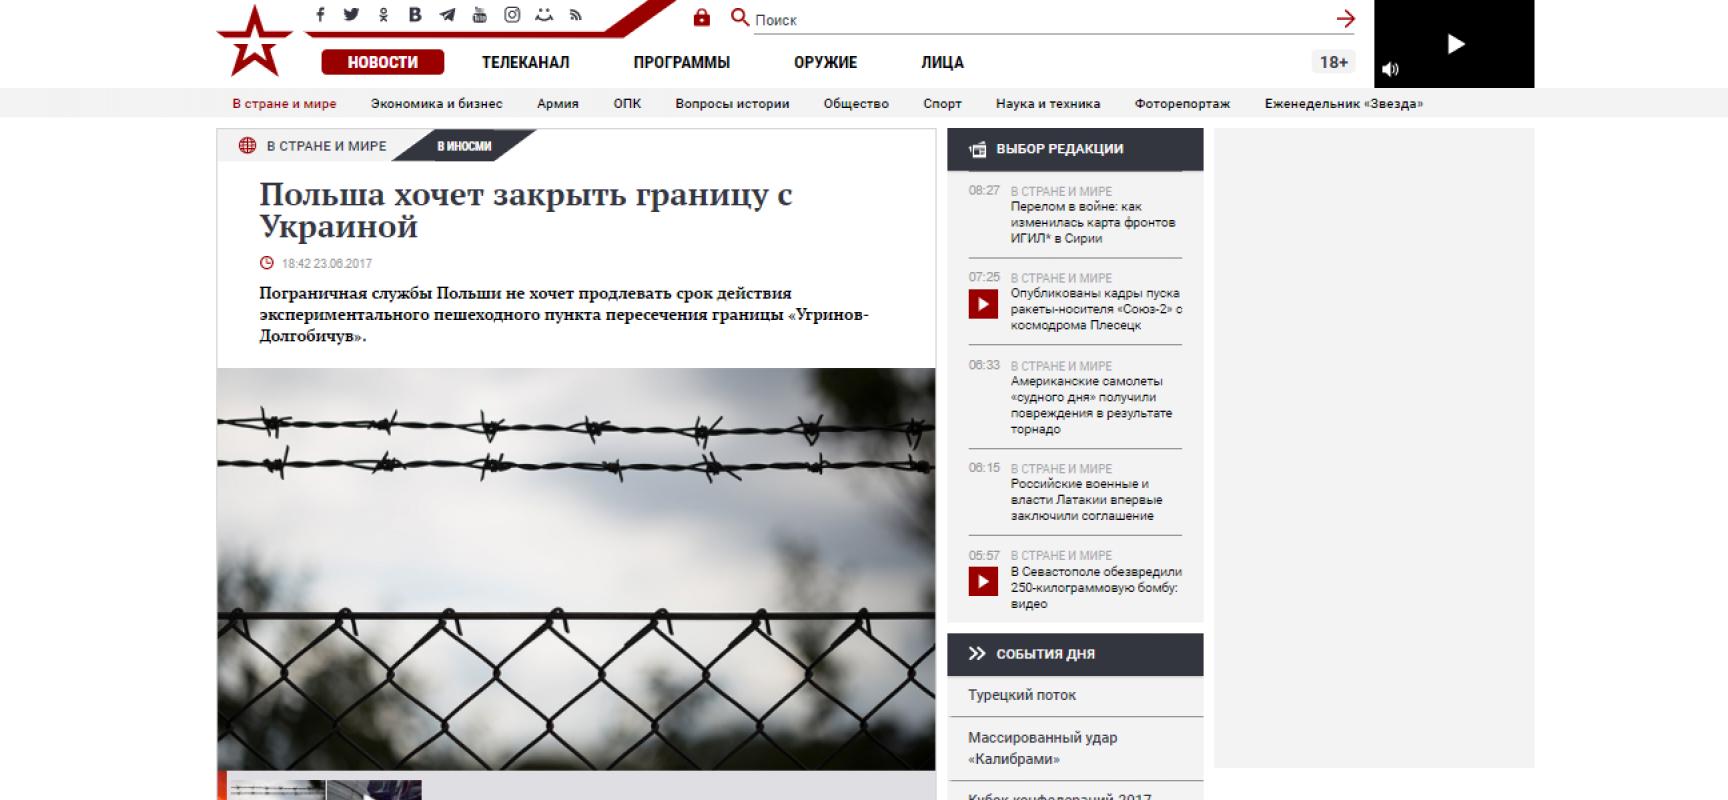 Fake: La Polonia chiuderà il confine con l'Ucraina